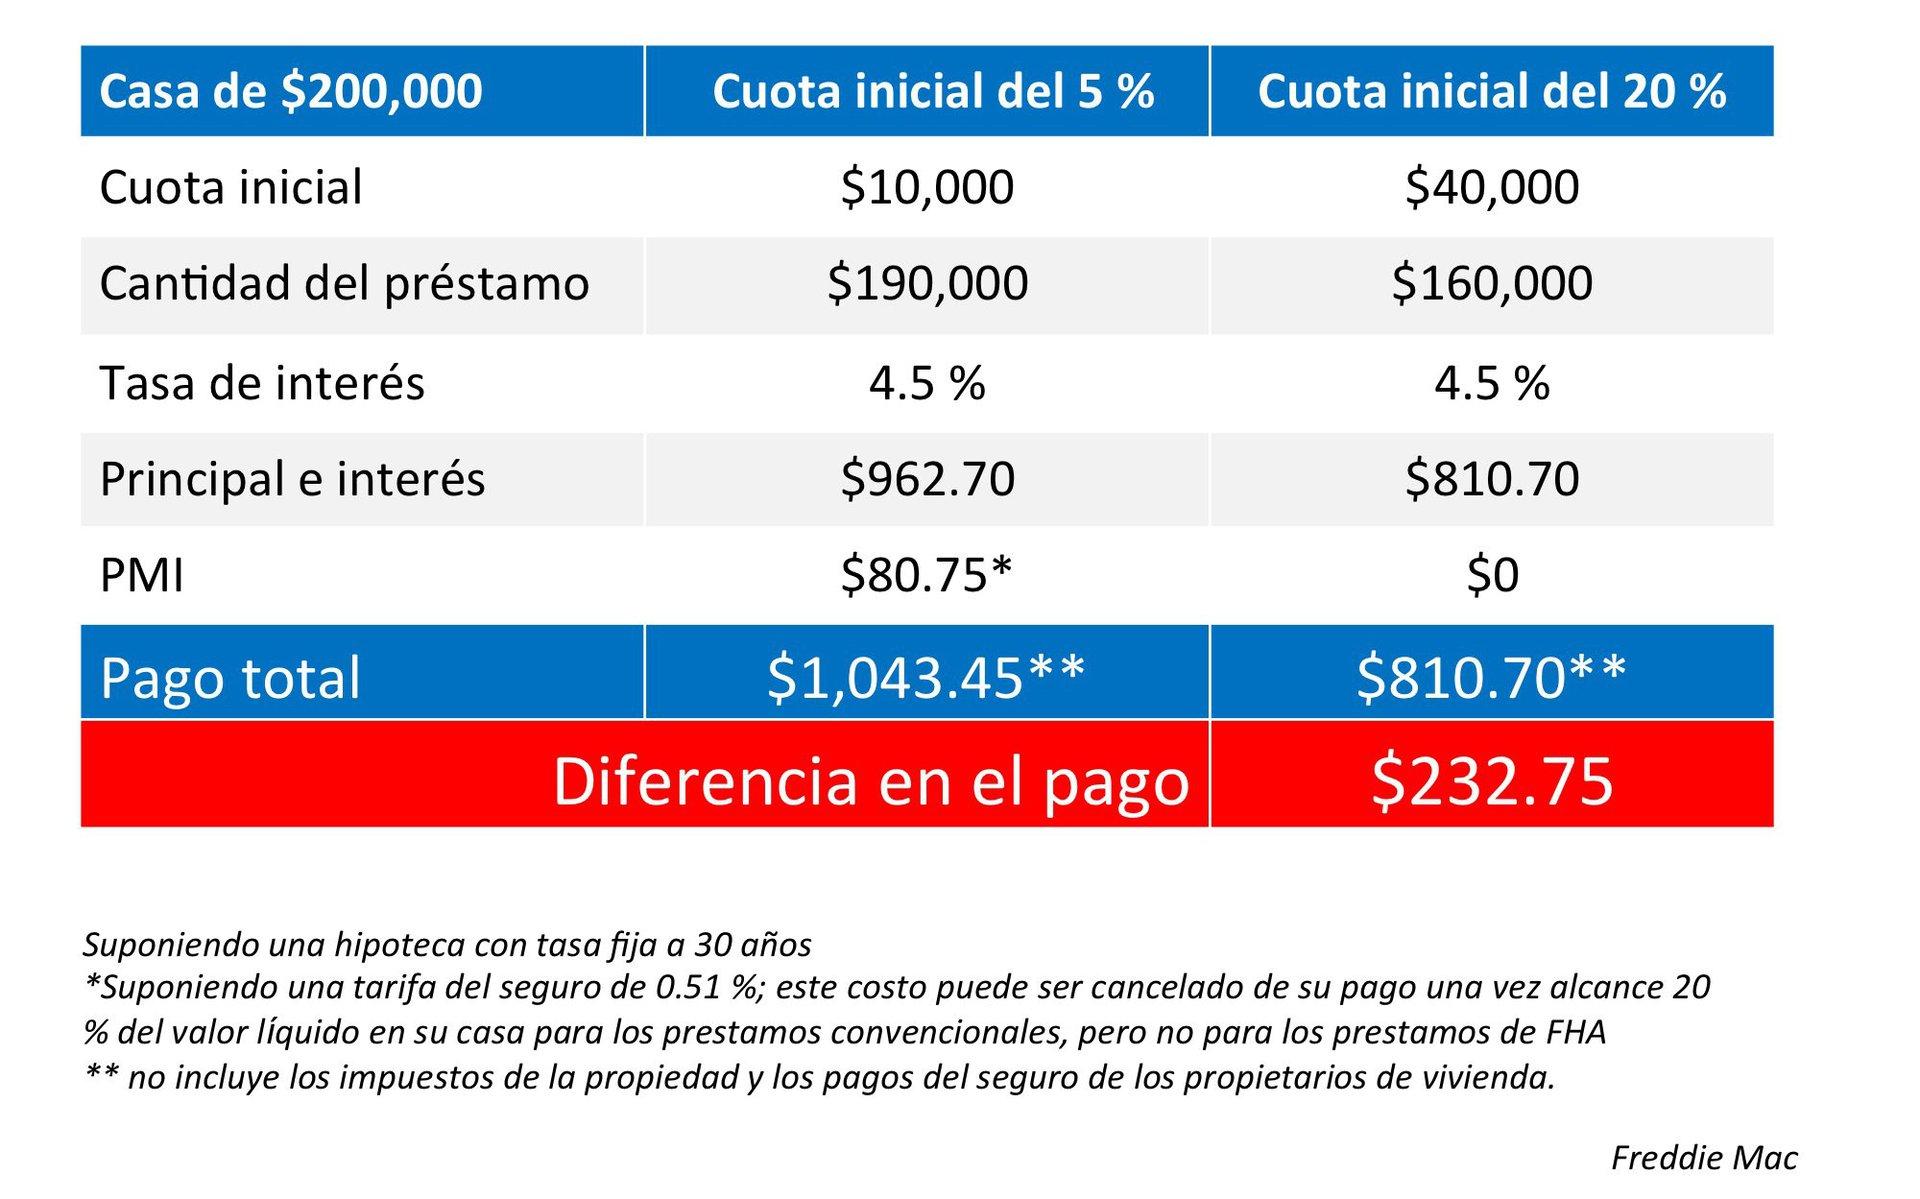 Diferencia de la cuota inicial del 5 % al 20 %  Keeping Current Matters